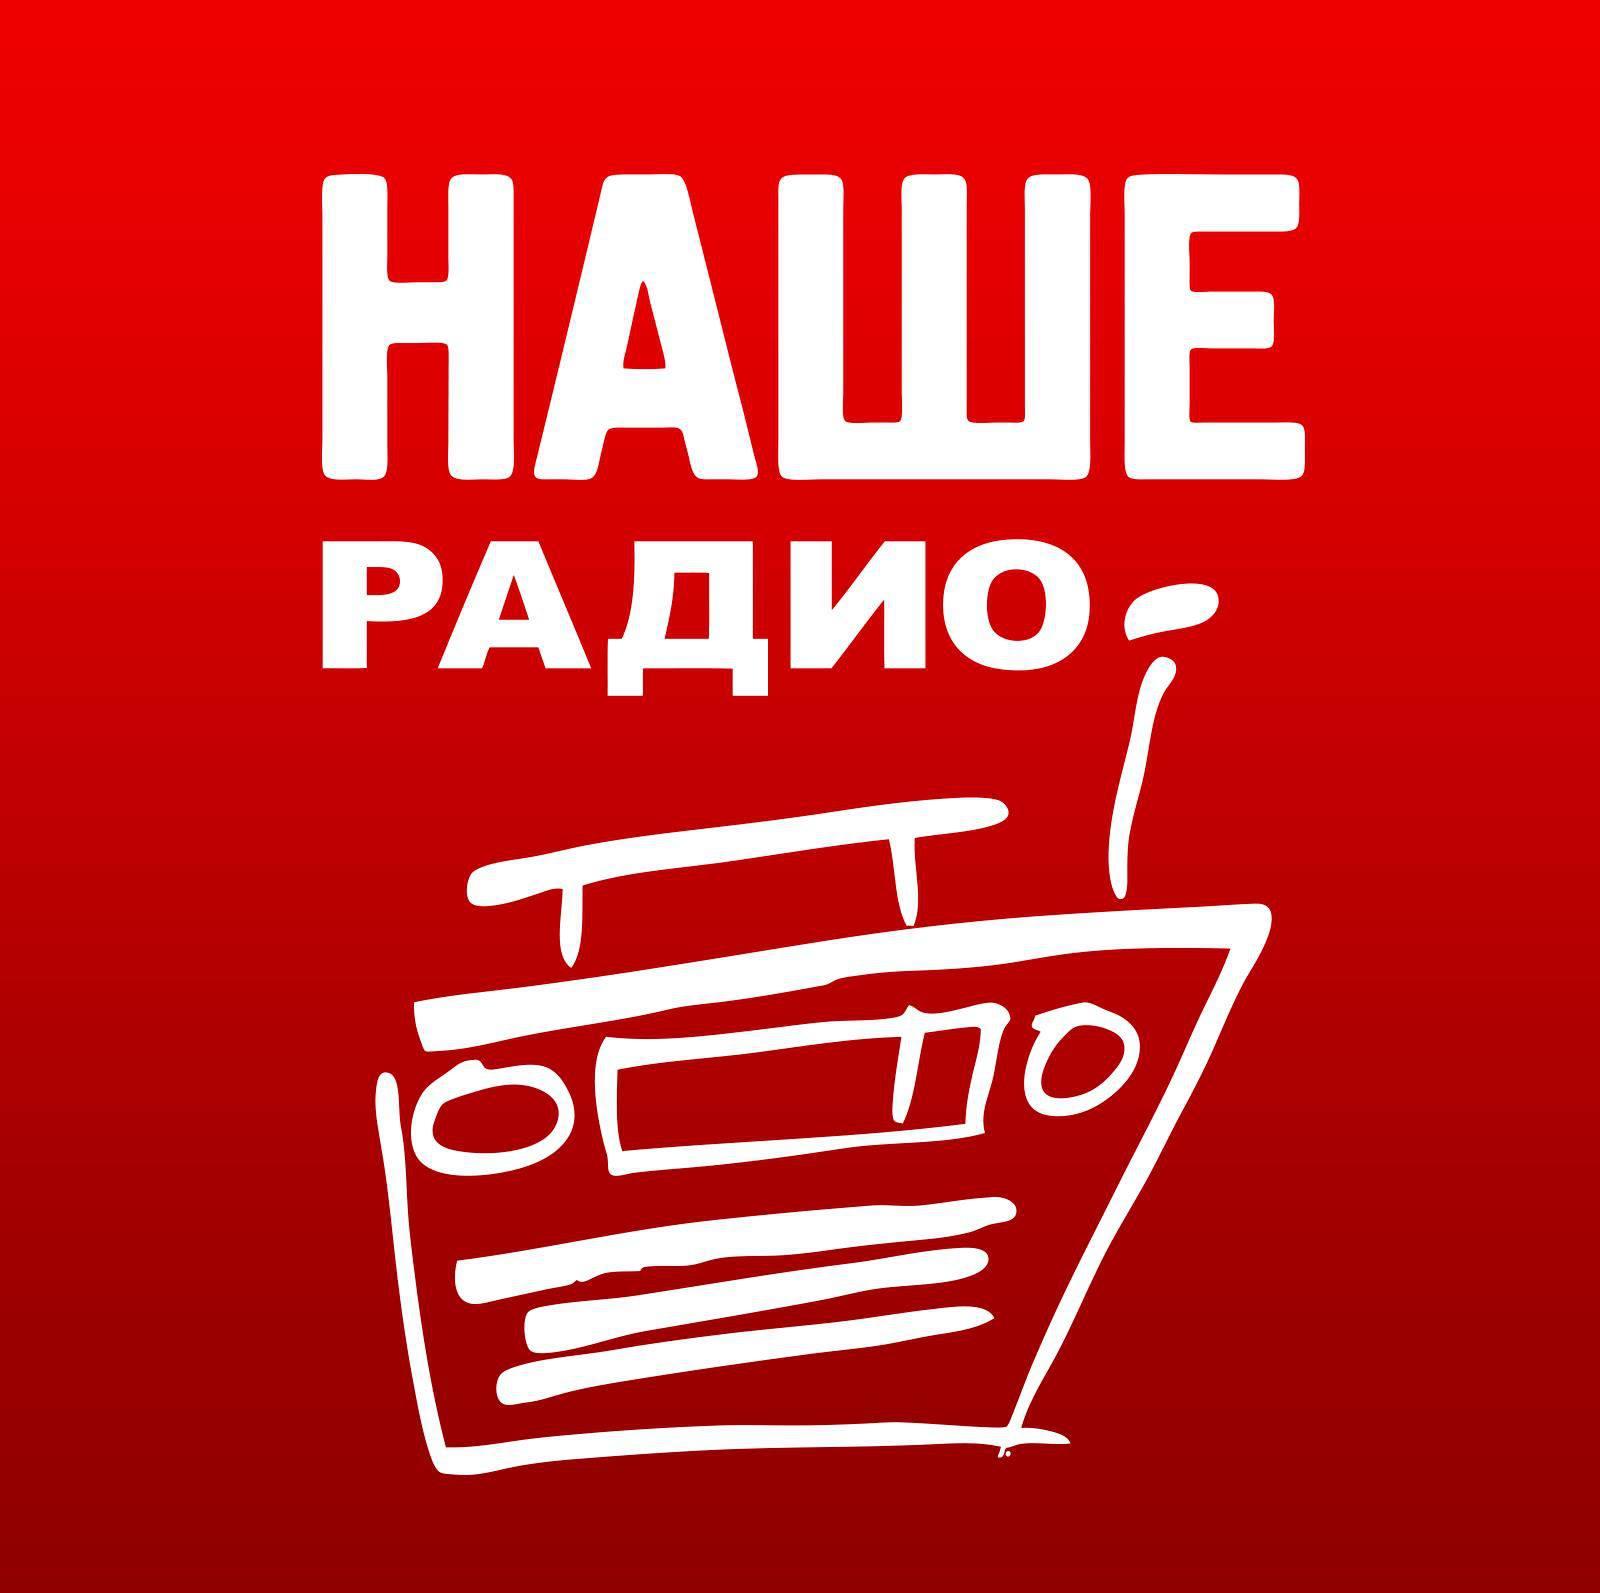 radio Наше Радио 89.1 FM Rusia, Chaikovsky